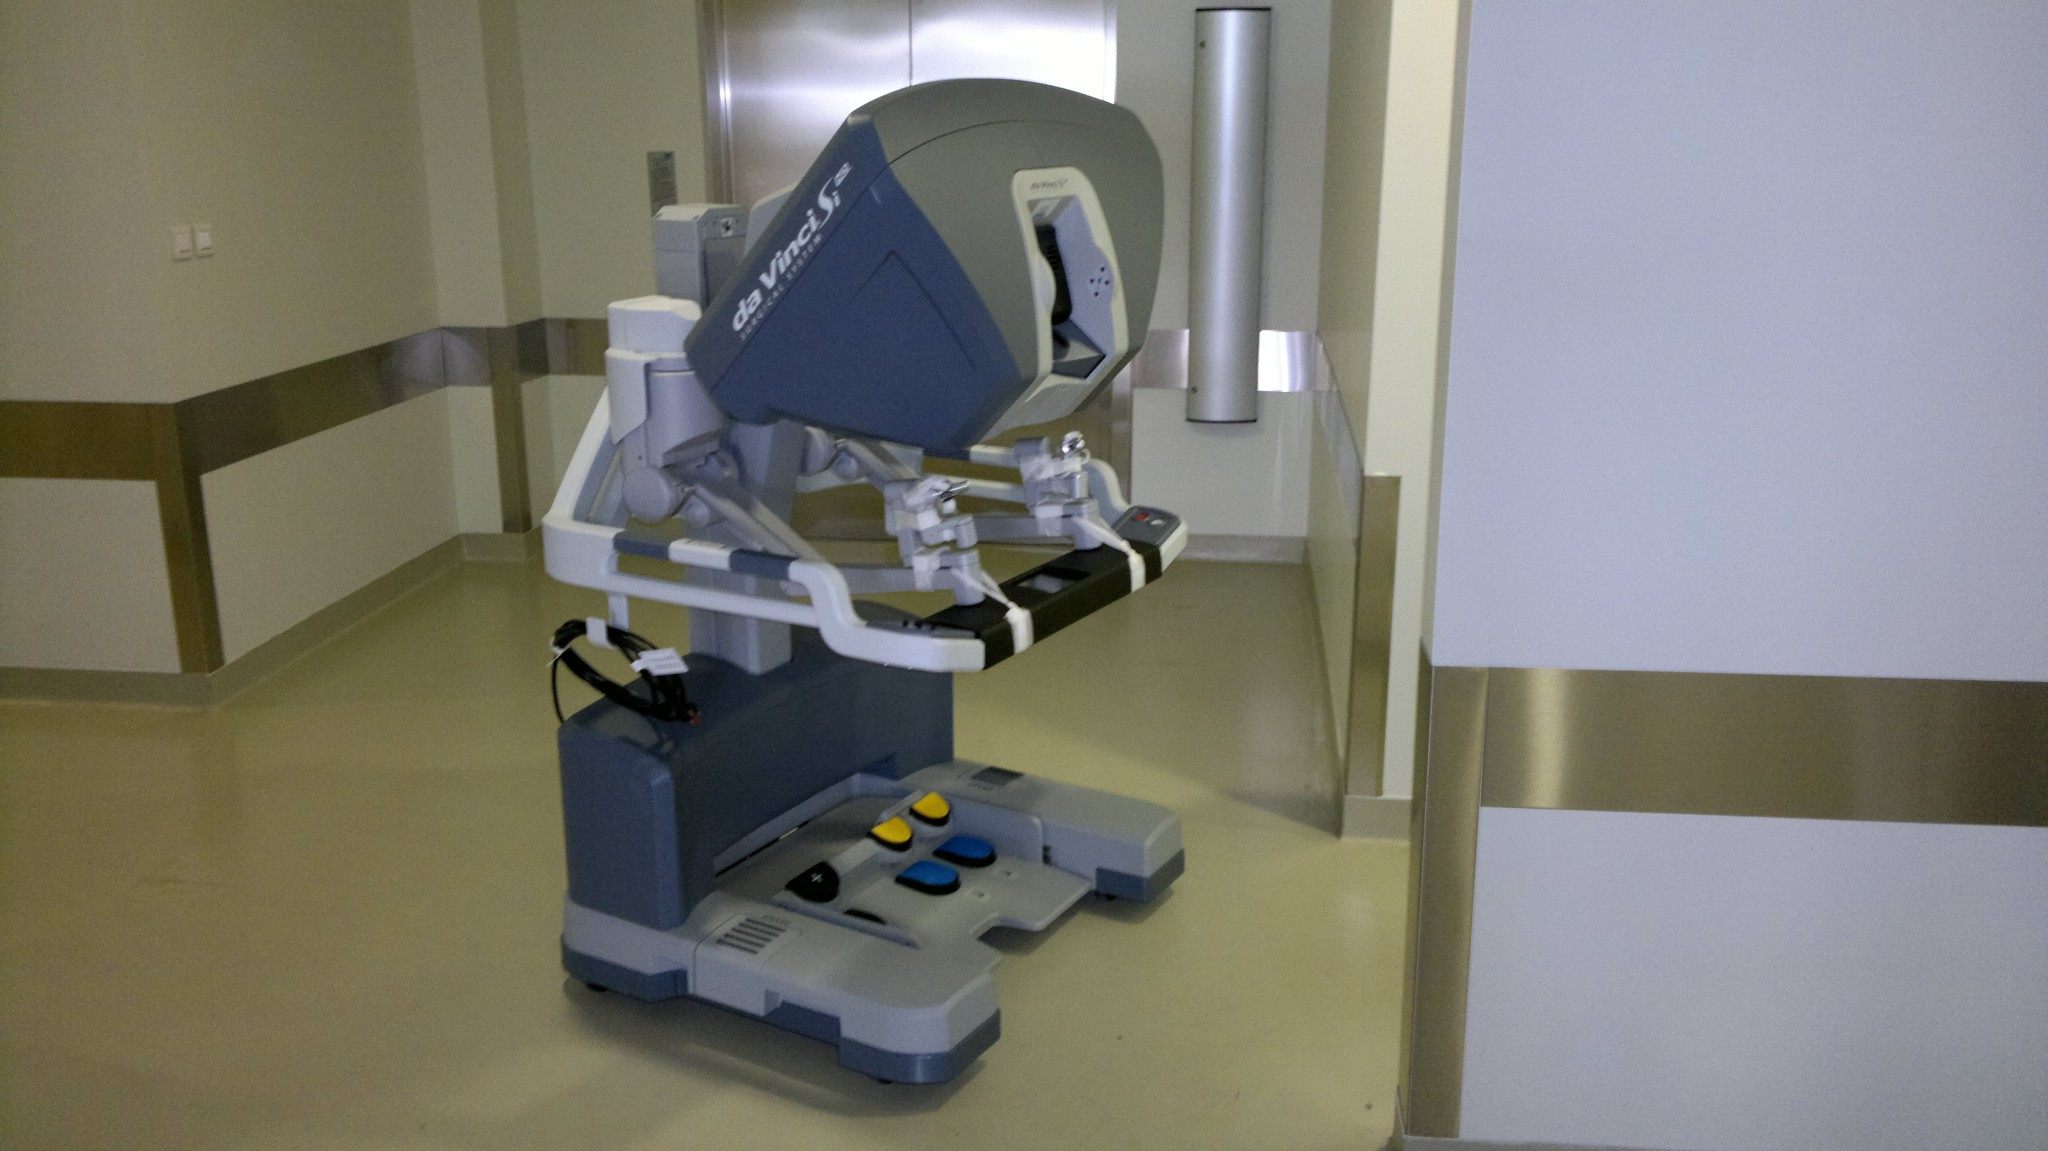 Ιατρικό μηχάνημα για μεταφορά